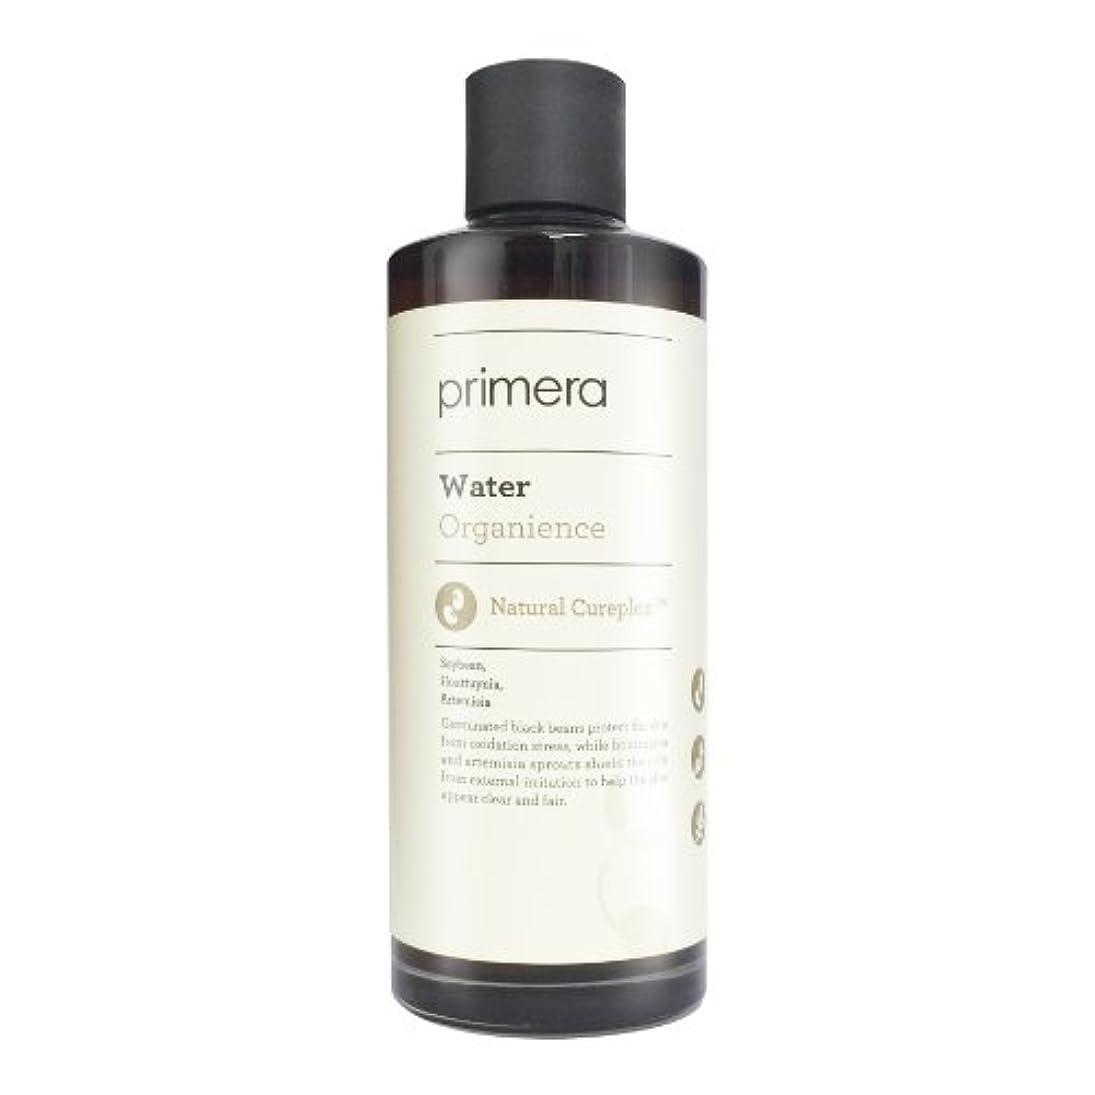 結び目債務者シンプルなPrimera/プリメラ オーガニエンスウォーター180ml(Organience water)